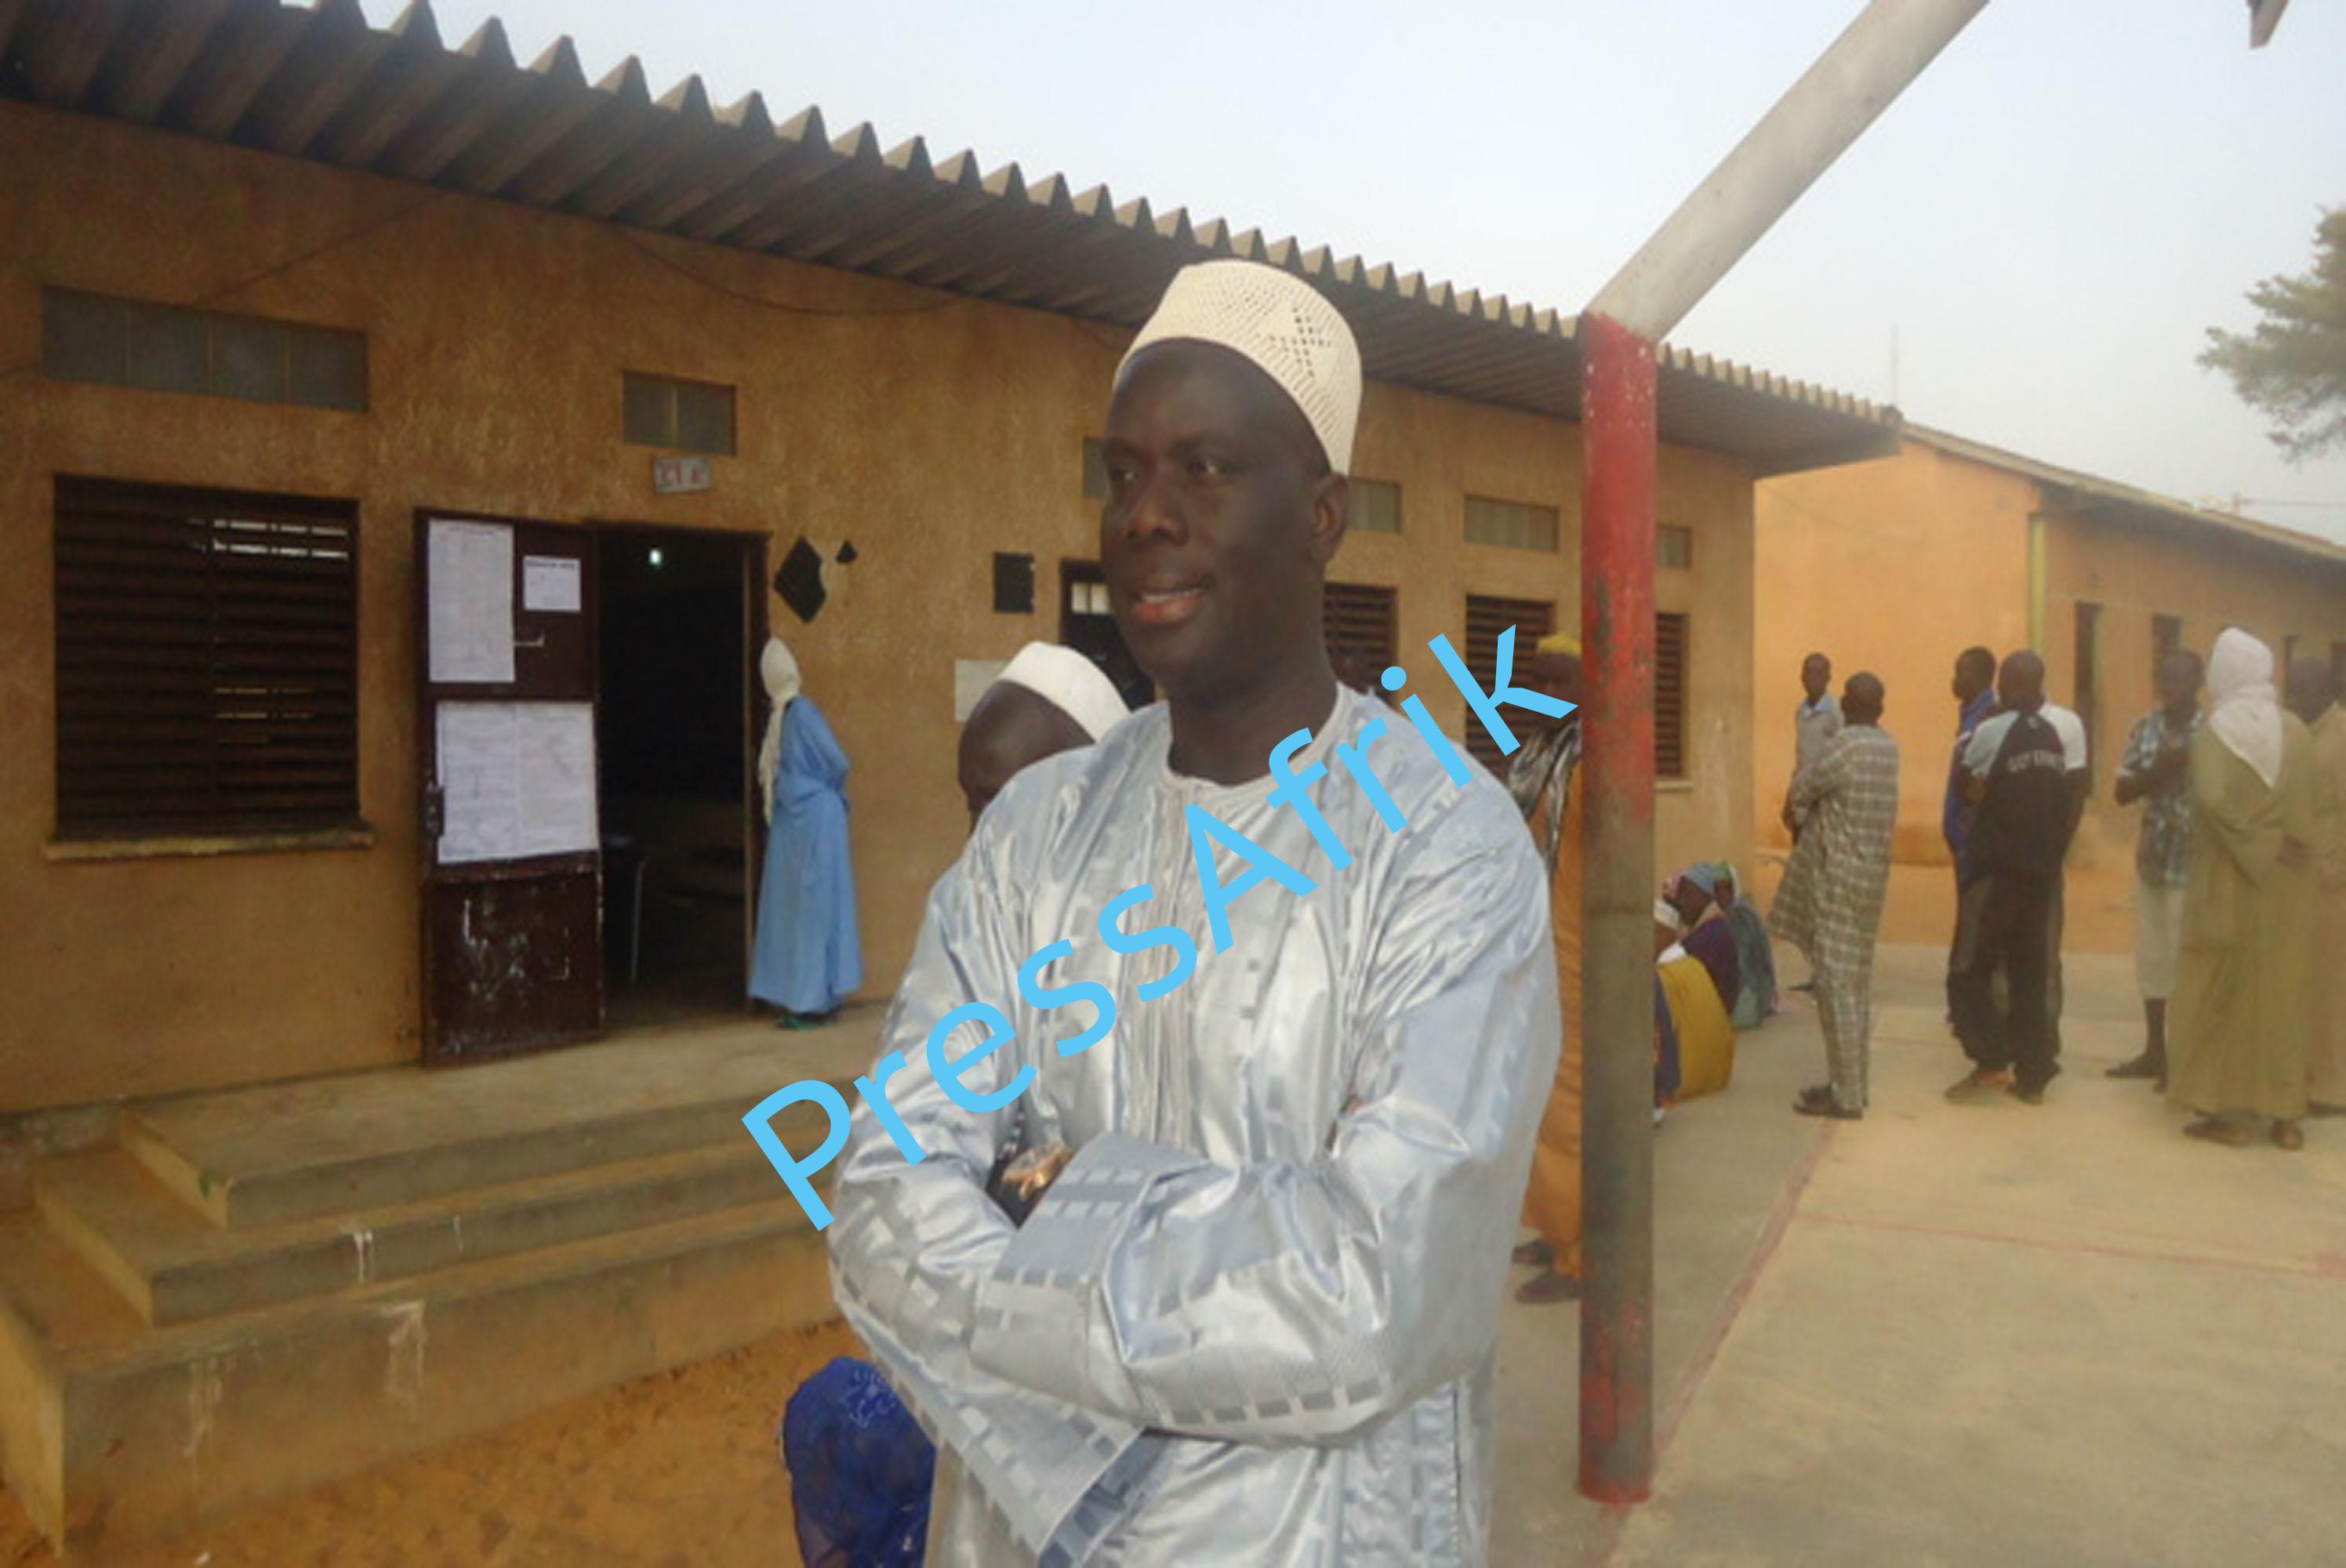 Guédiawaye : Malick Gakou remporte son bureau de vote